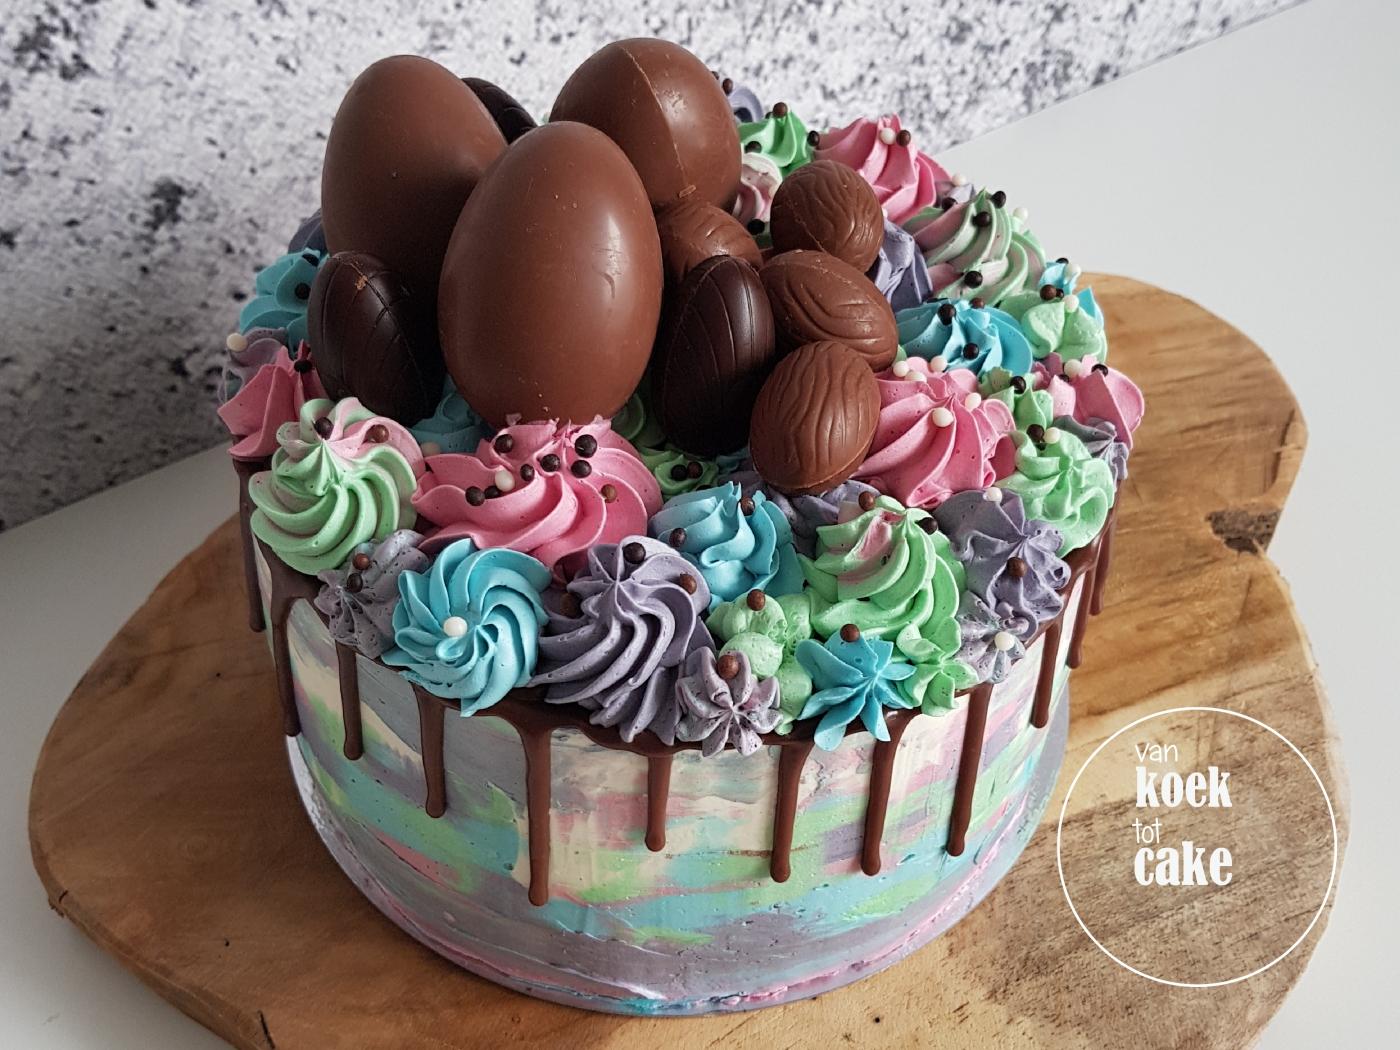 Paastaart easter drip cake